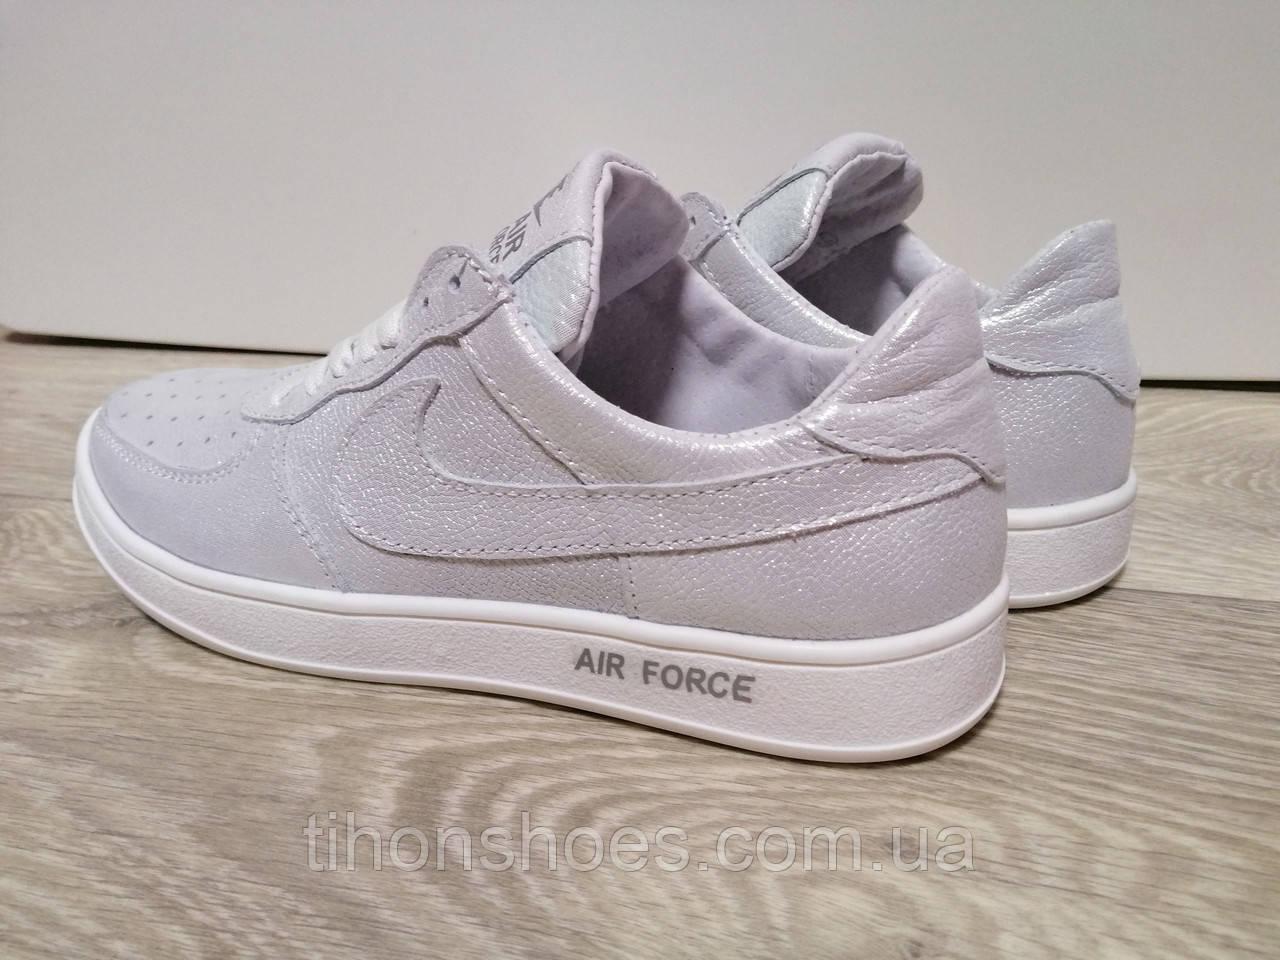 07370a21 Кроссовки женские найк блестящие белые кожаные повседневные Nike, цена 750  грн./пара, купить в Харькове — Prom.ua (ID#908599109)